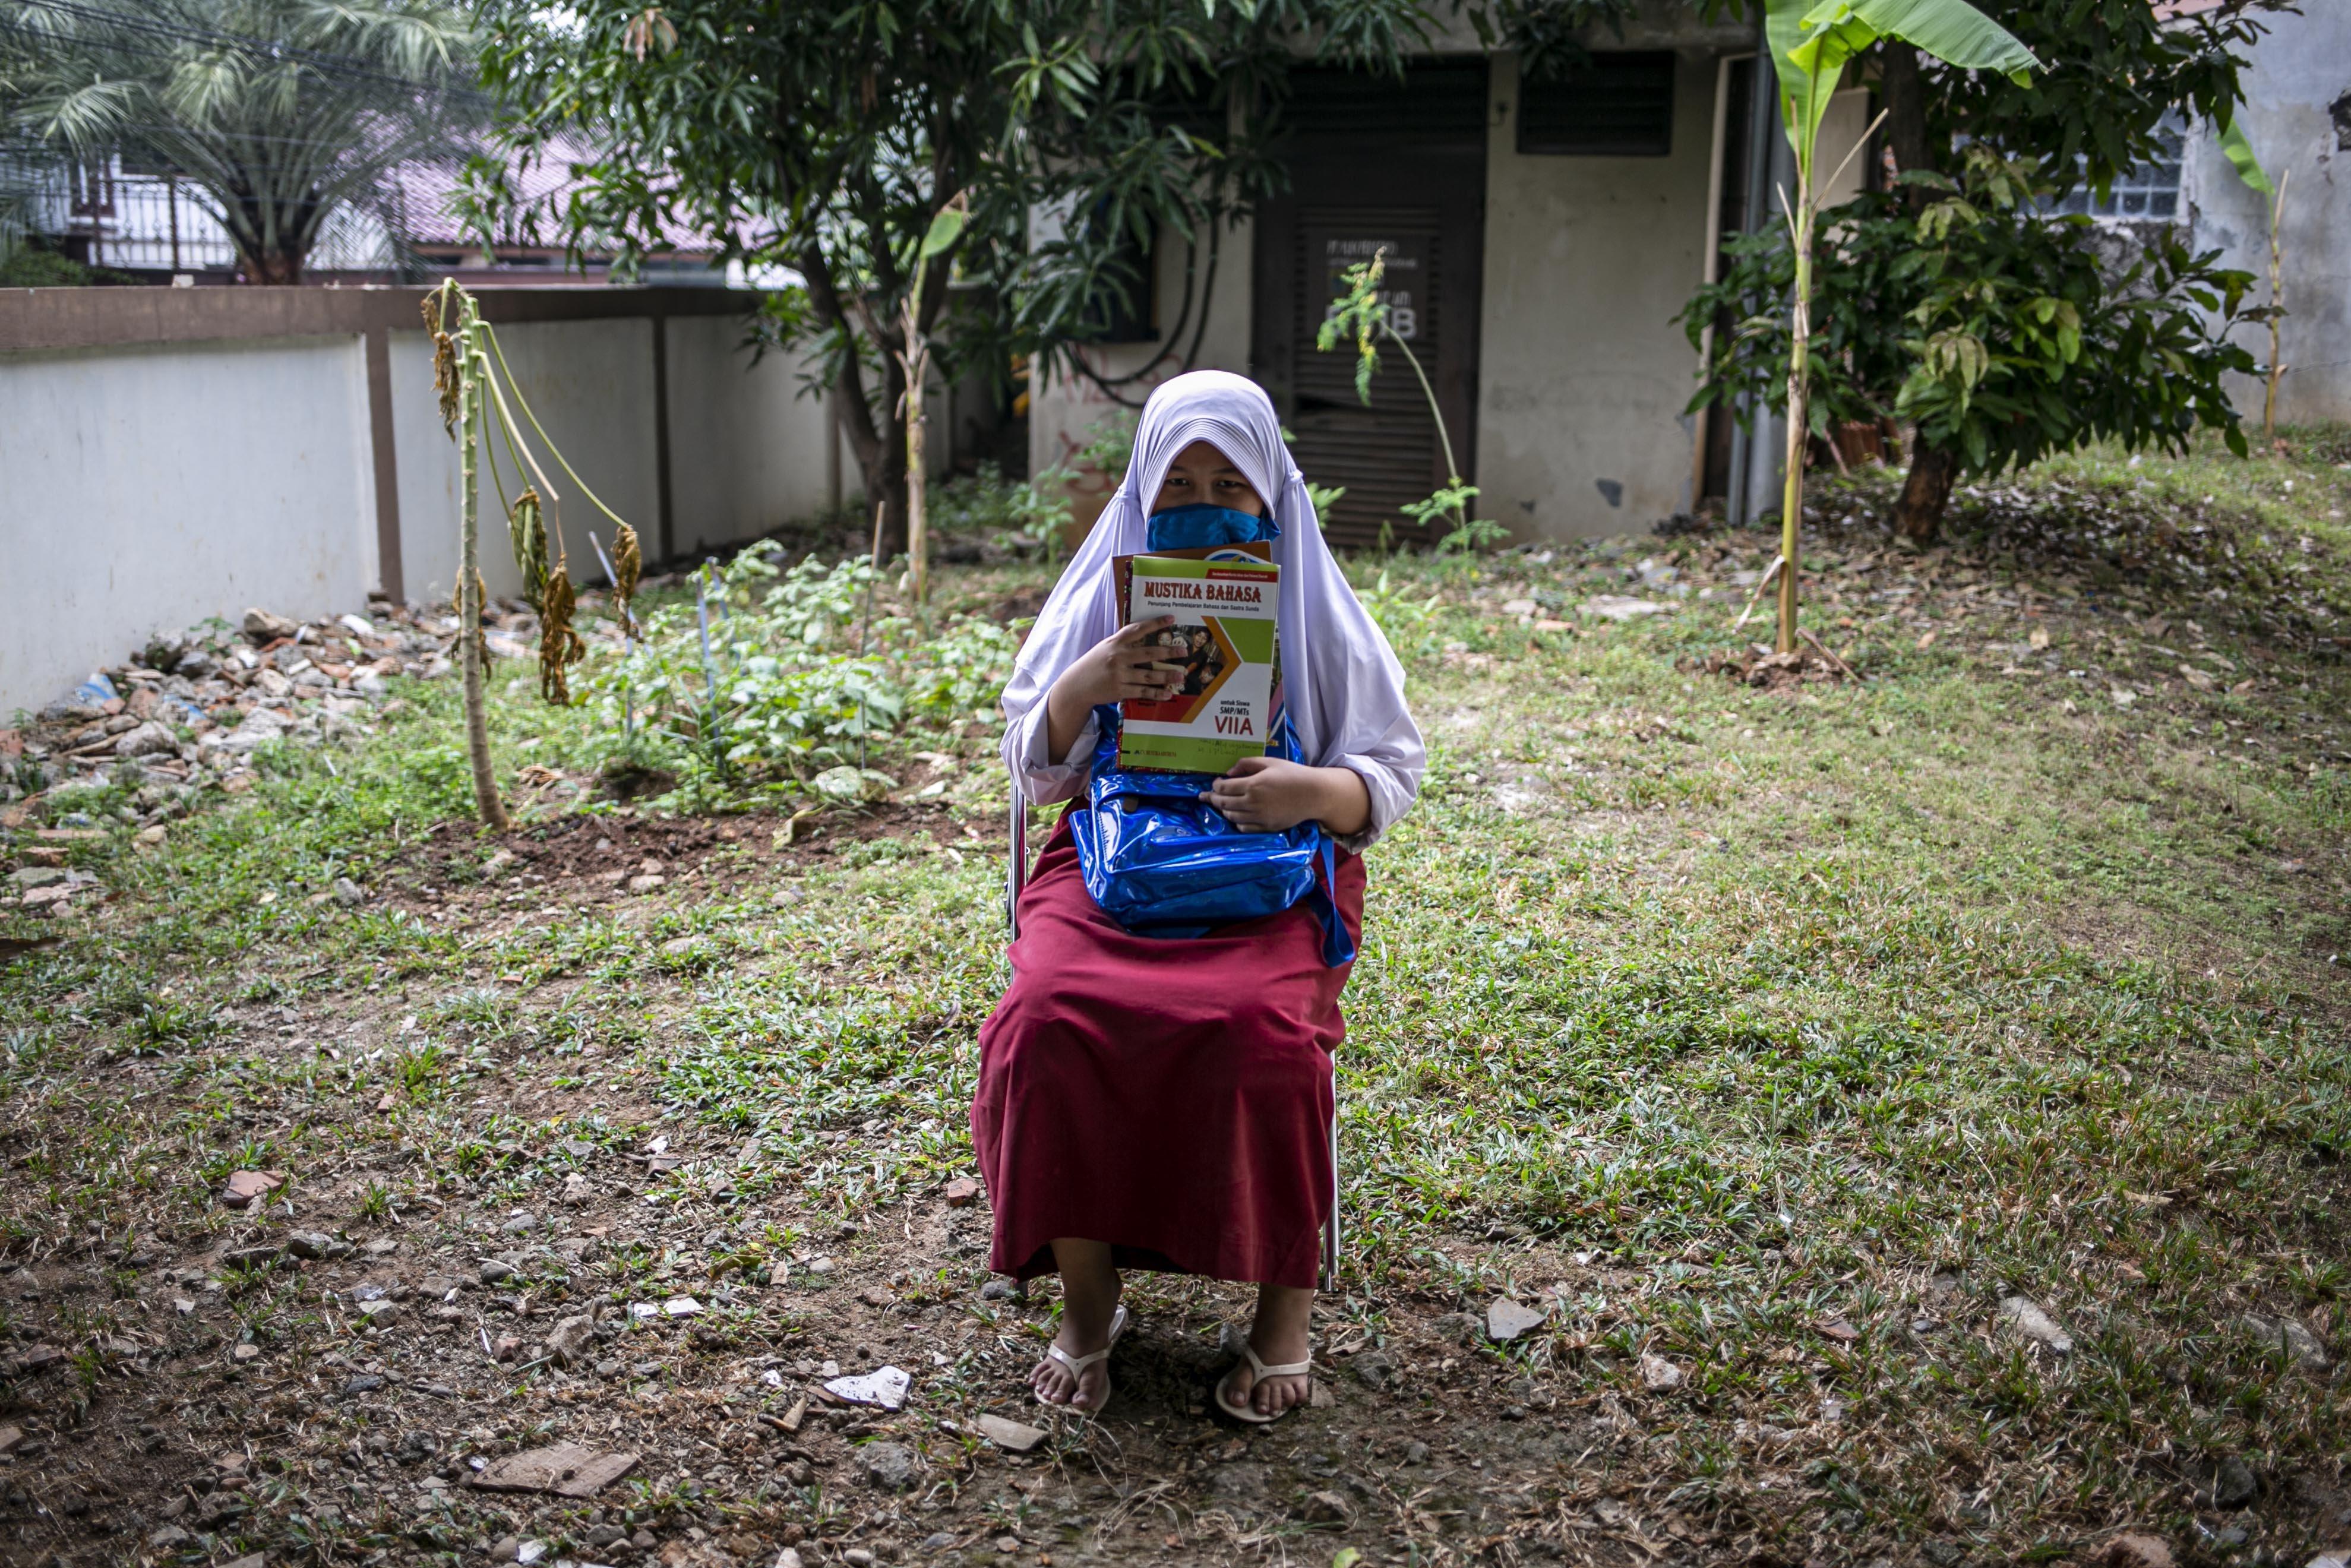 Potrait Afaf Aulia (13), siswi SMP Al-falah Bekasi sebelum ngikuti belajar secara daring di Kelurahan Jatirahayu, Bekasi, Jawa Barat, Selasa (4/8/2020). Kelurahan tersebut menyediakan fasilitas WiFi untuk siswa-siswi sekolah yang terkendala sistem belajar secara daring.